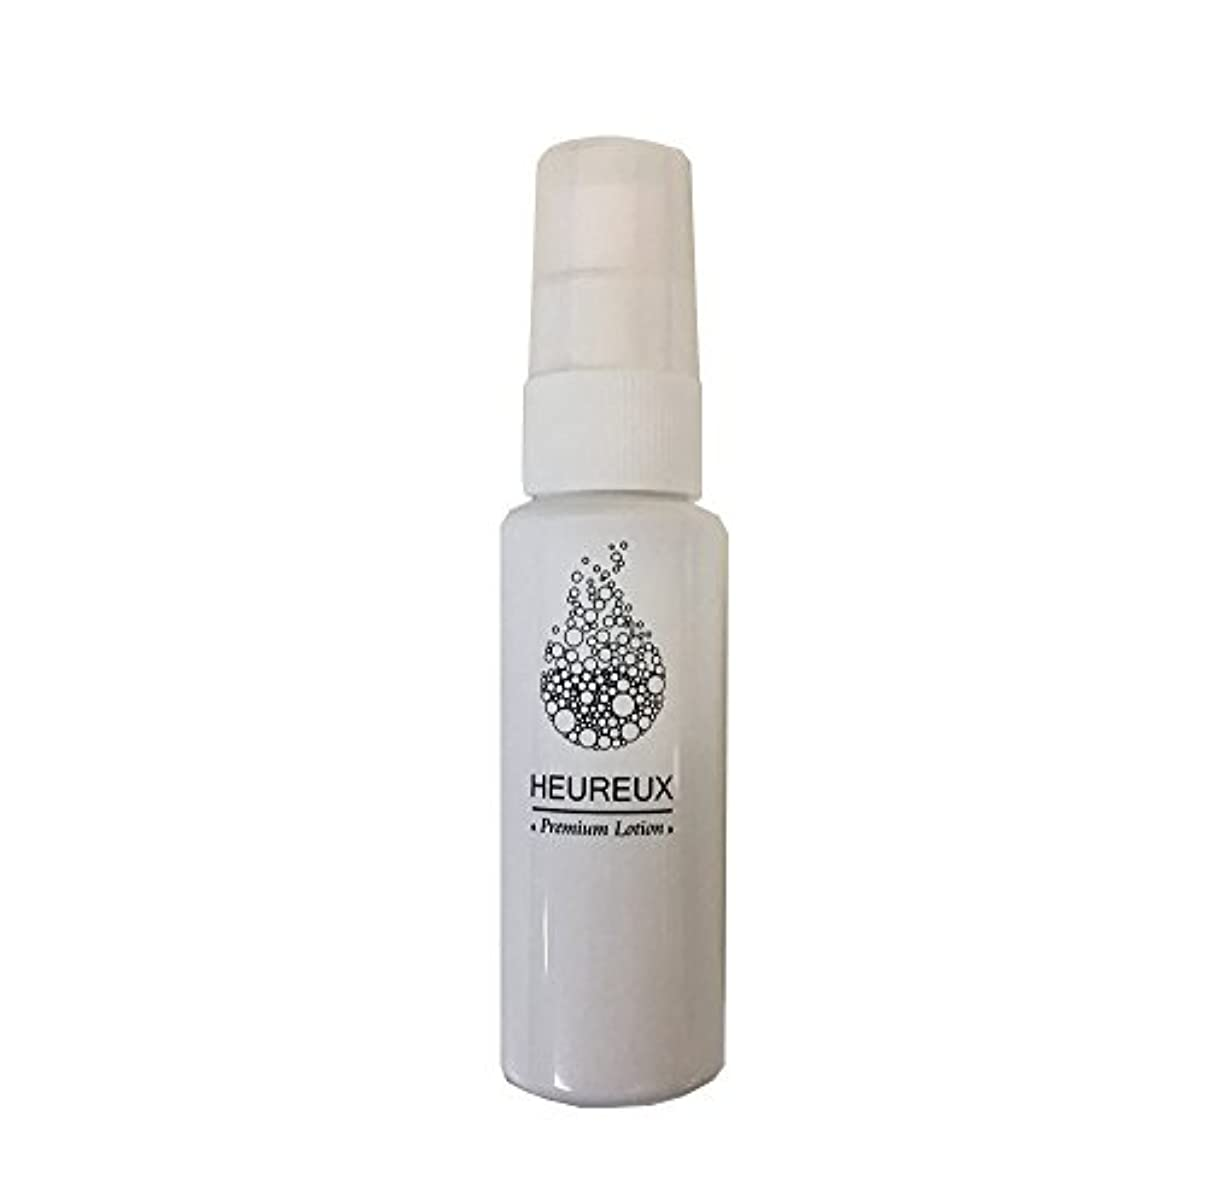 好意フラッシュのように素早く具体的にHEUREUX|ワキガ&加齢臭の決定版-スプレータイプ 医薬部外品